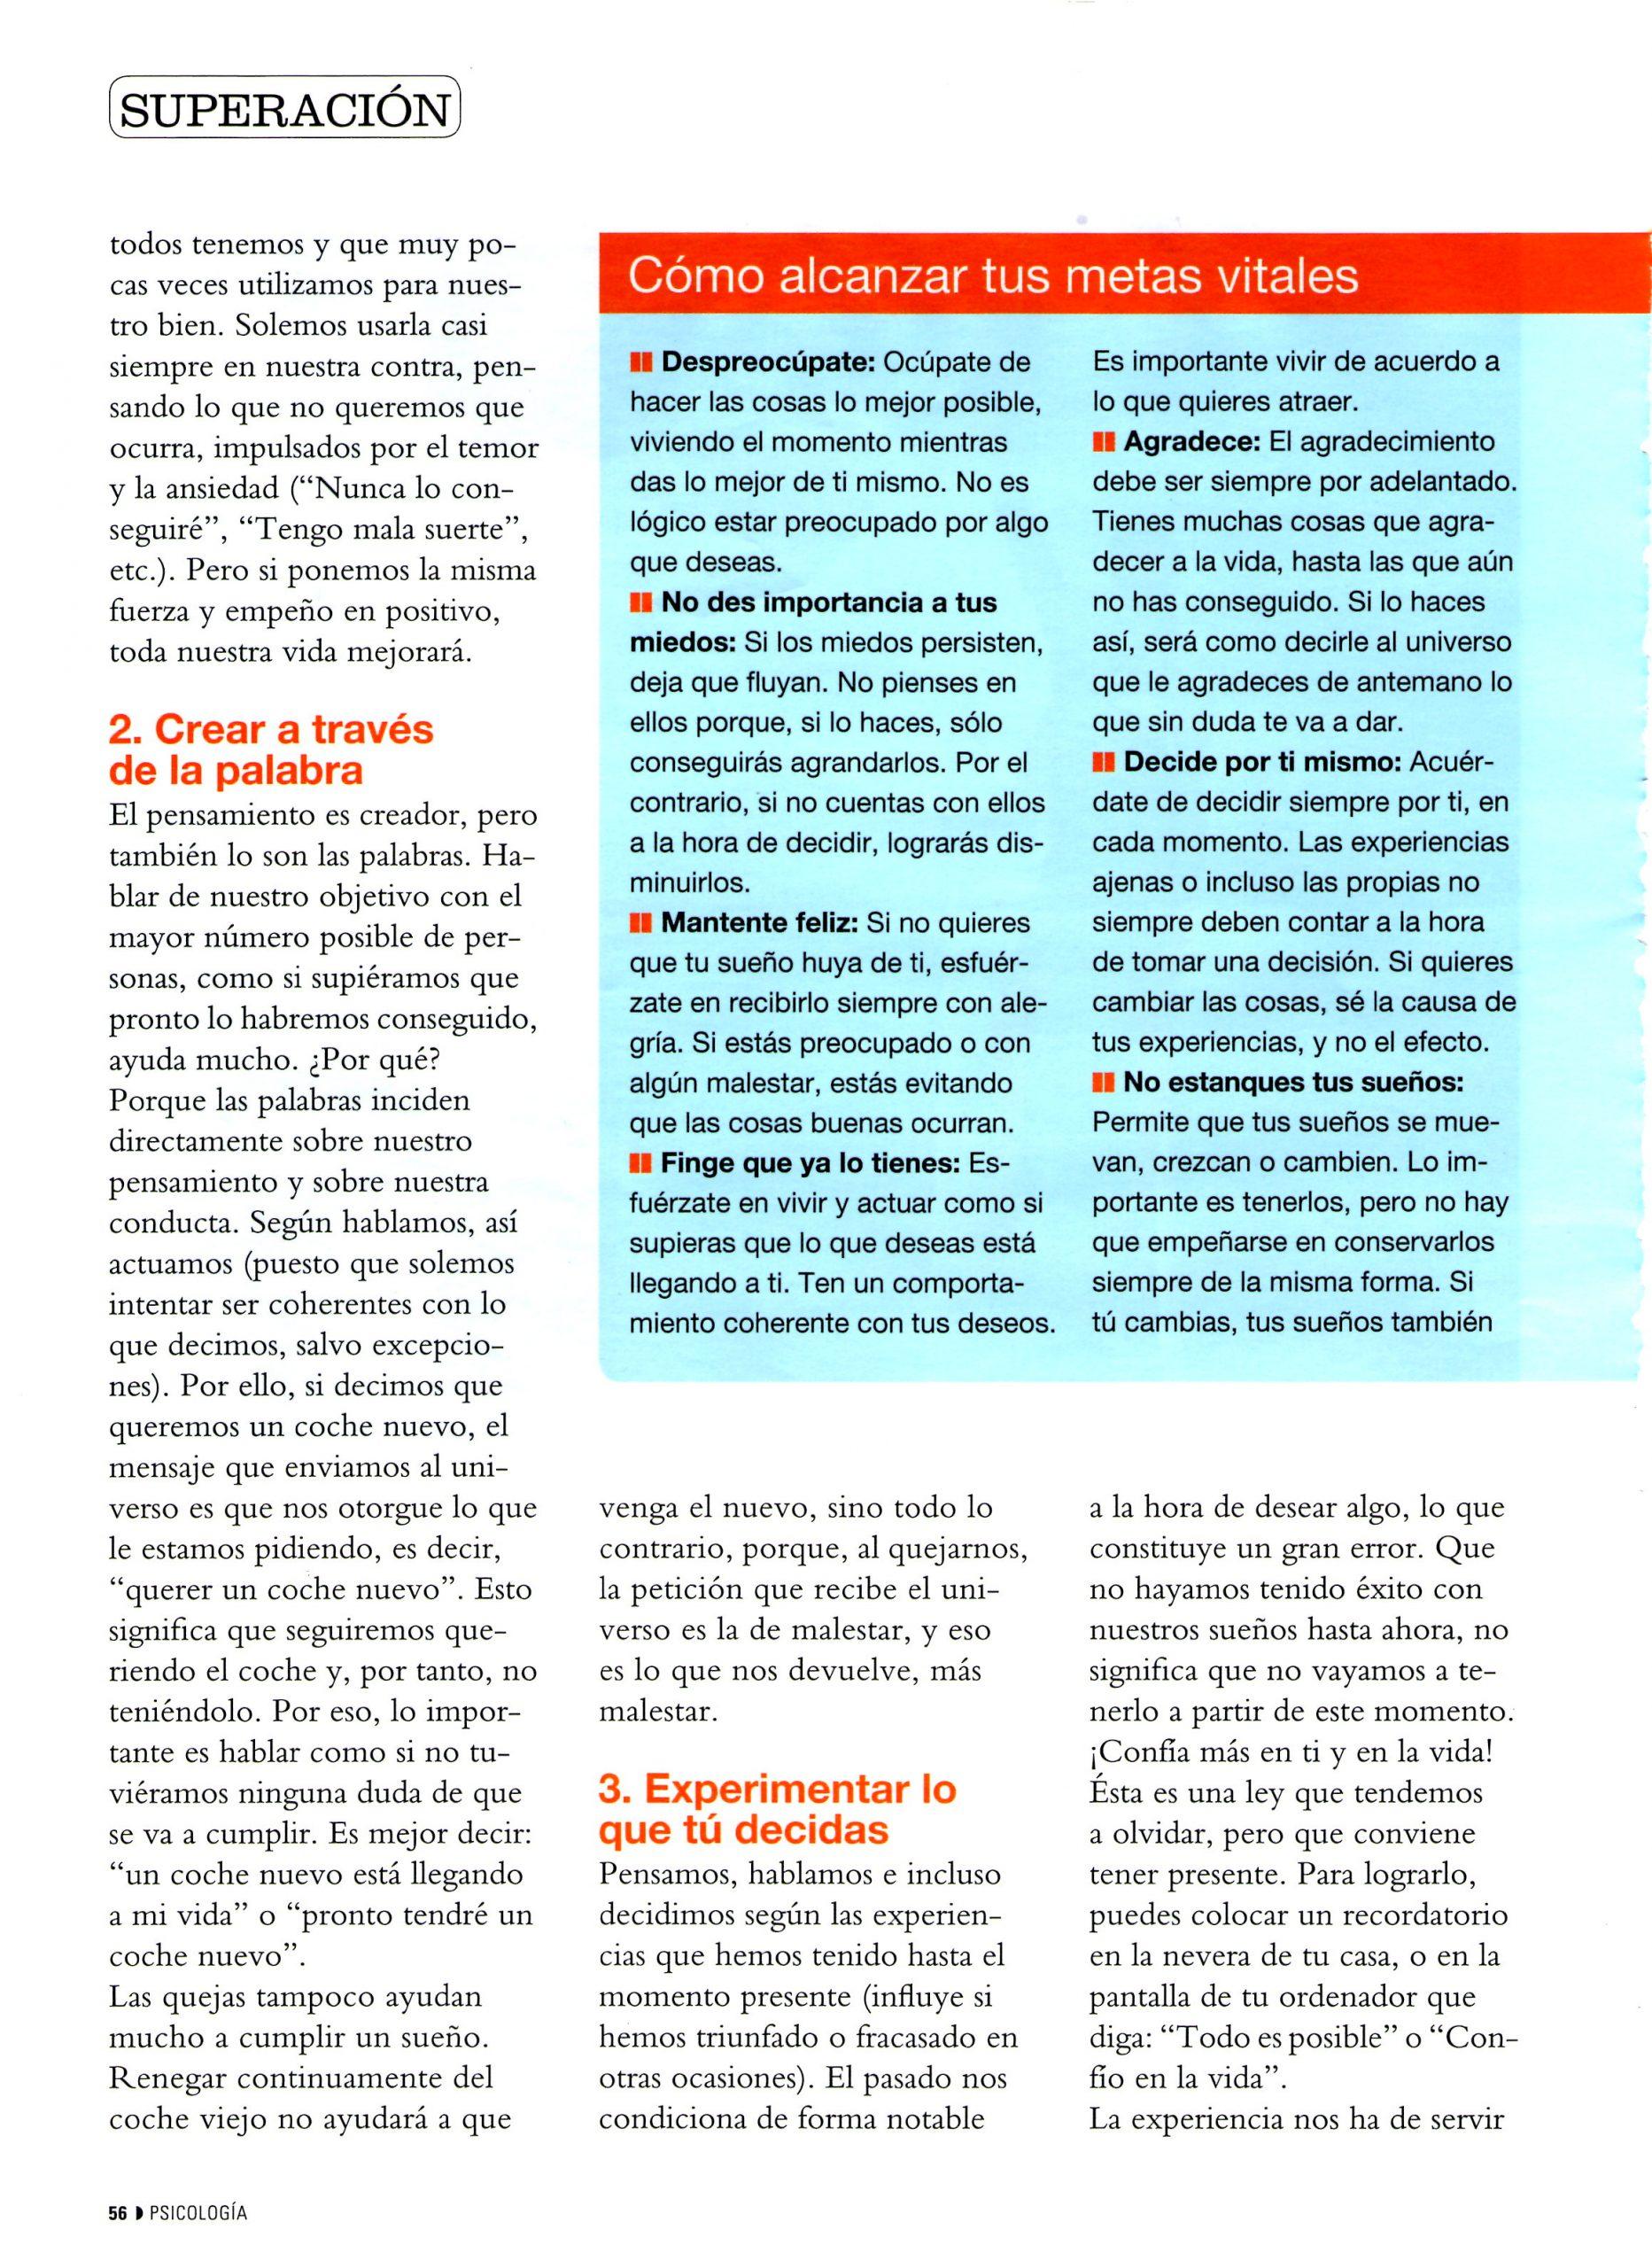 Nº 280 COSMOPOLITAN, pag 3, Mar Cantero Sánchez